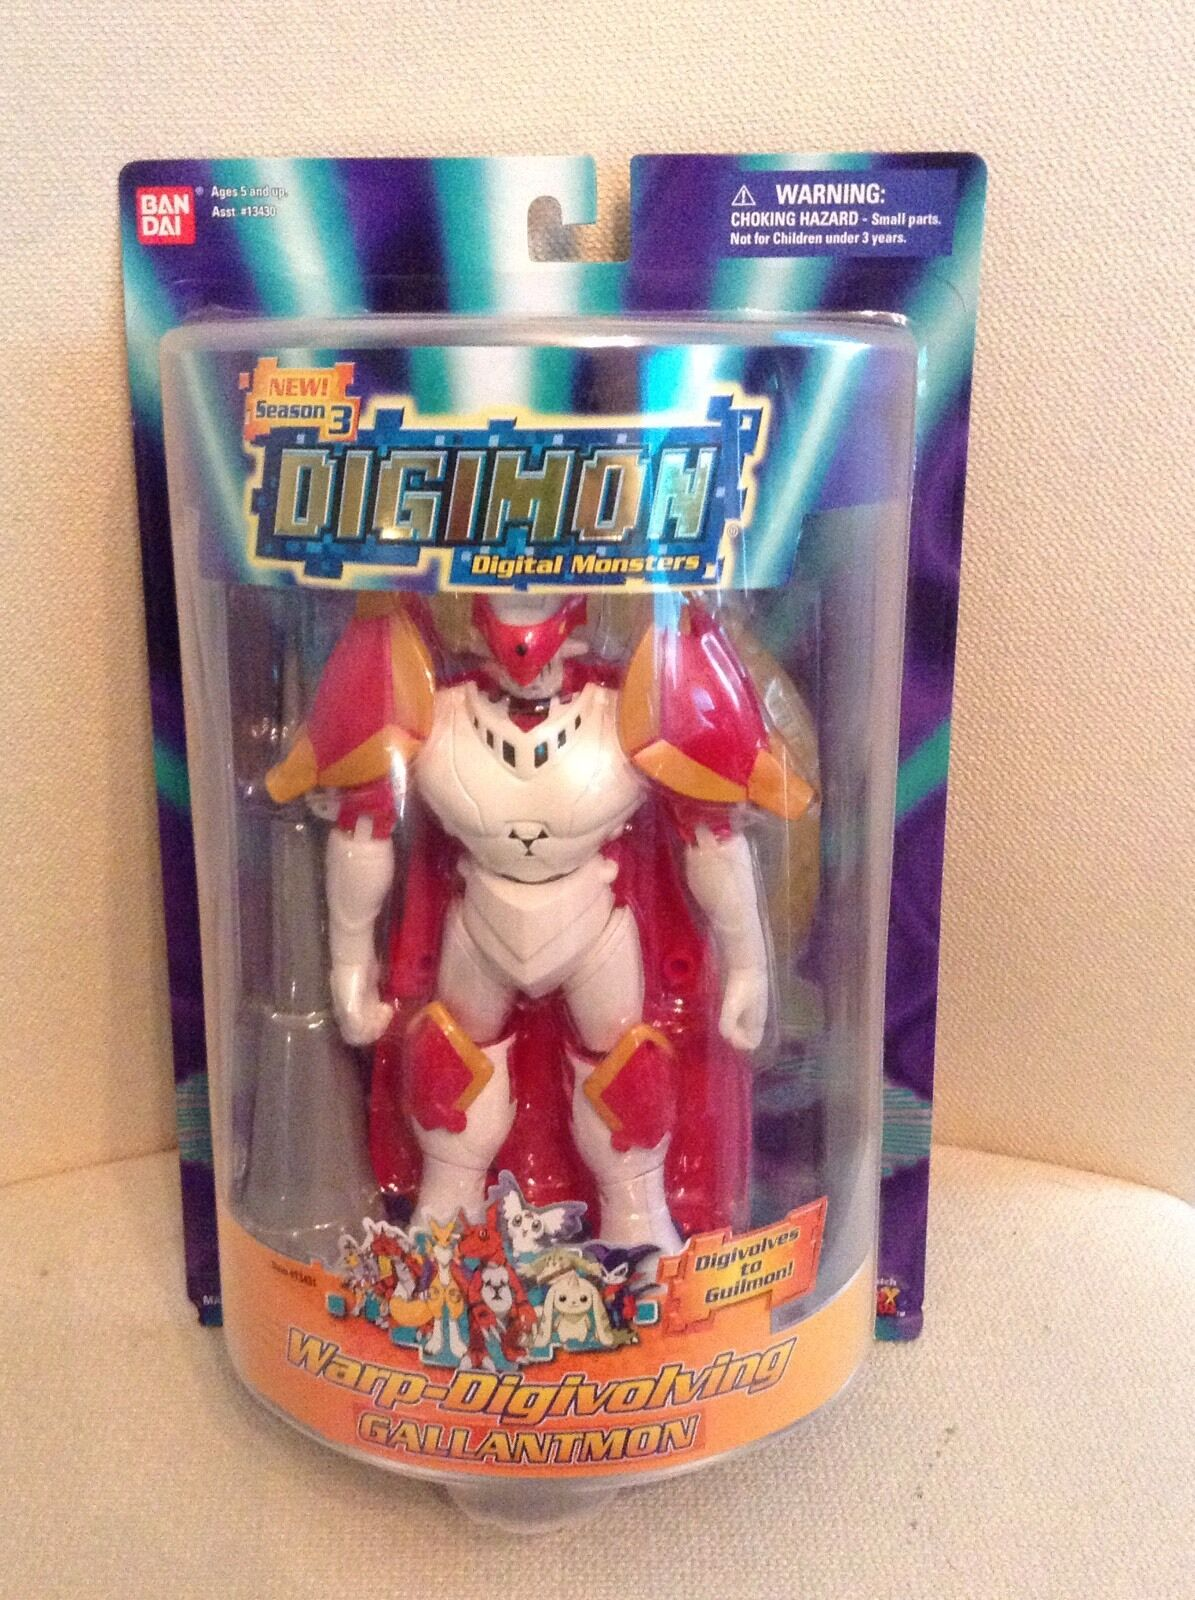 Digimon Temporada 3 warp-digivolving Gallantmon Figura-Raro